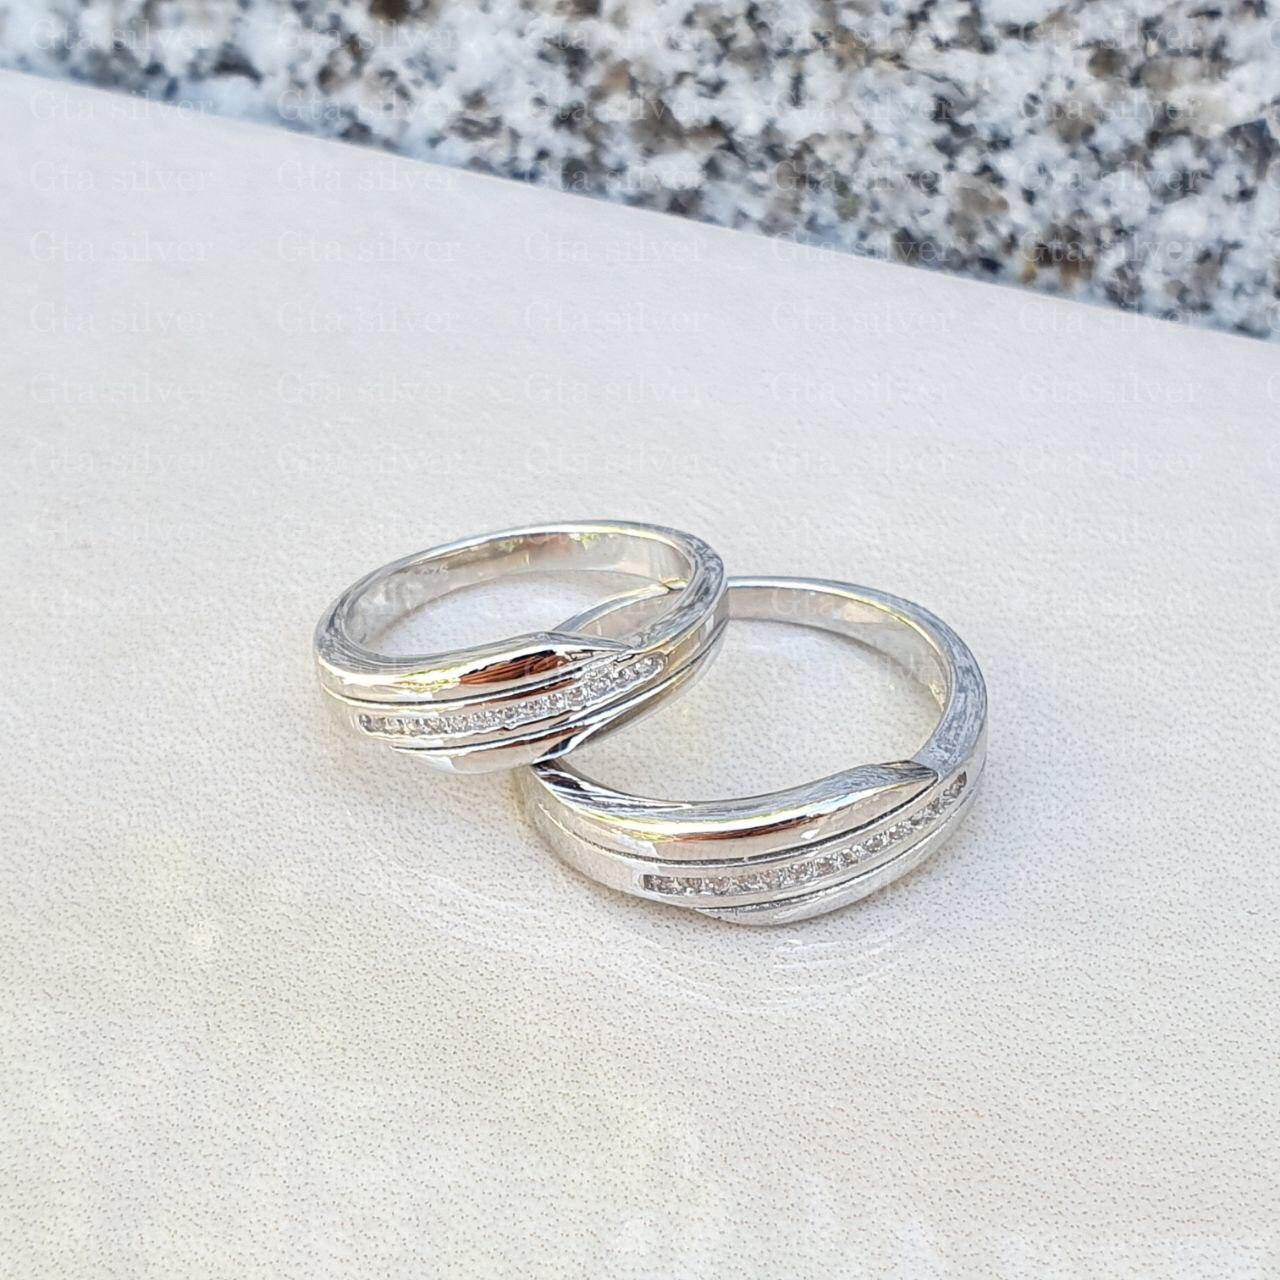 ست حلقه ازدواج وزن 8.5 گرم مدل 52